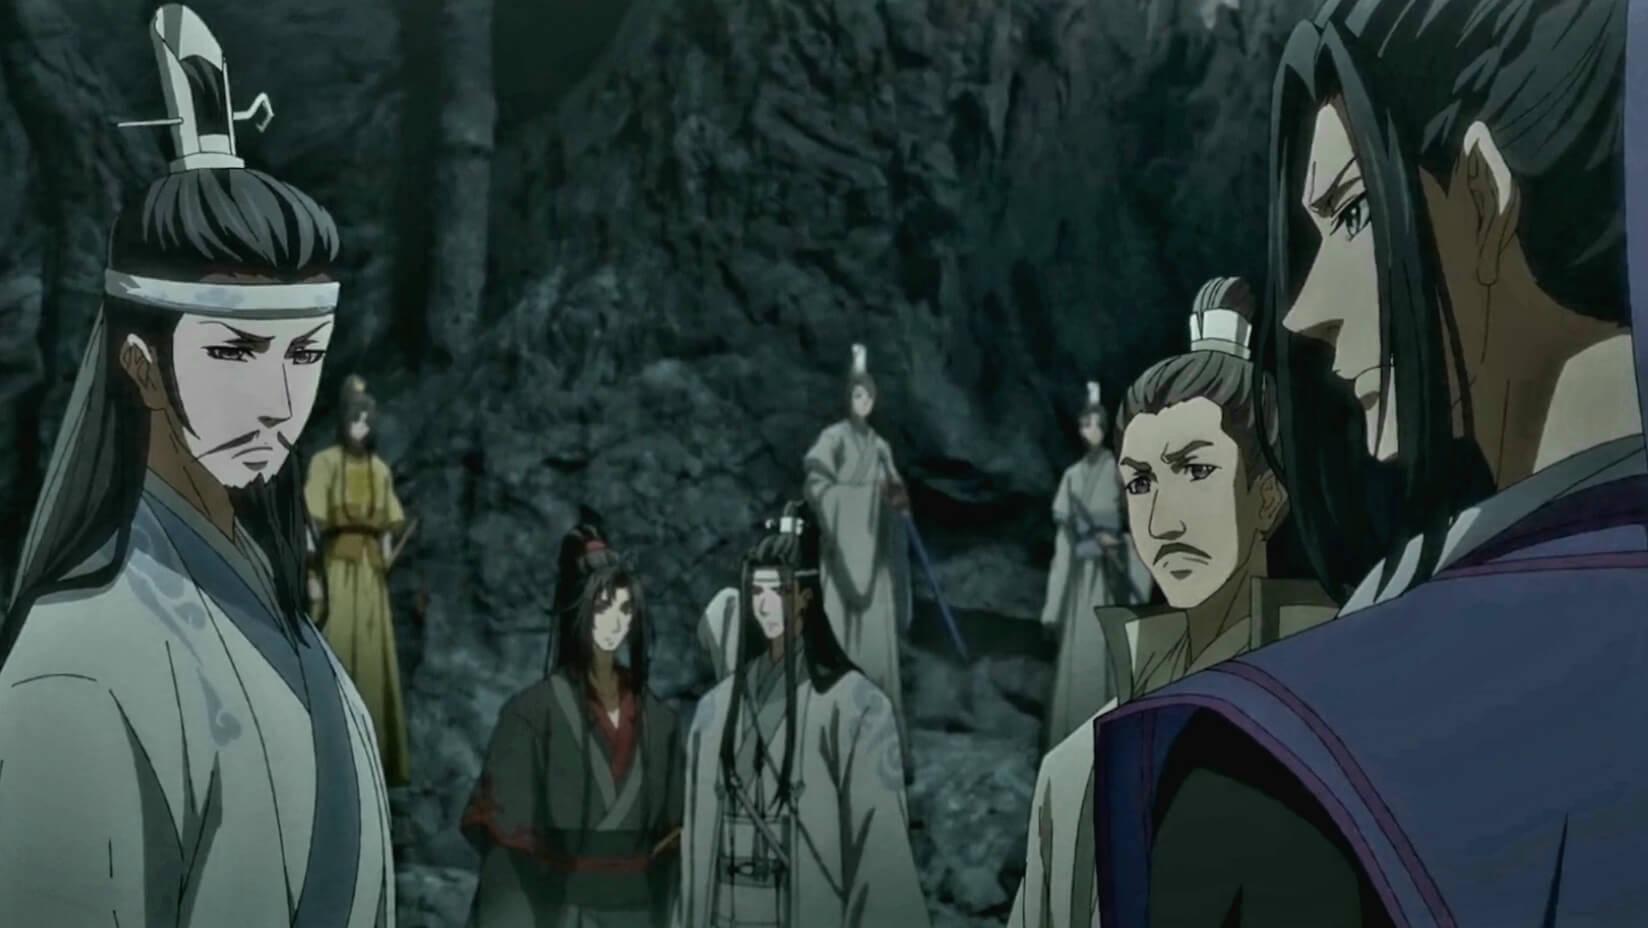 Where to watch Mo dao zu shi season 3 episode 9 online